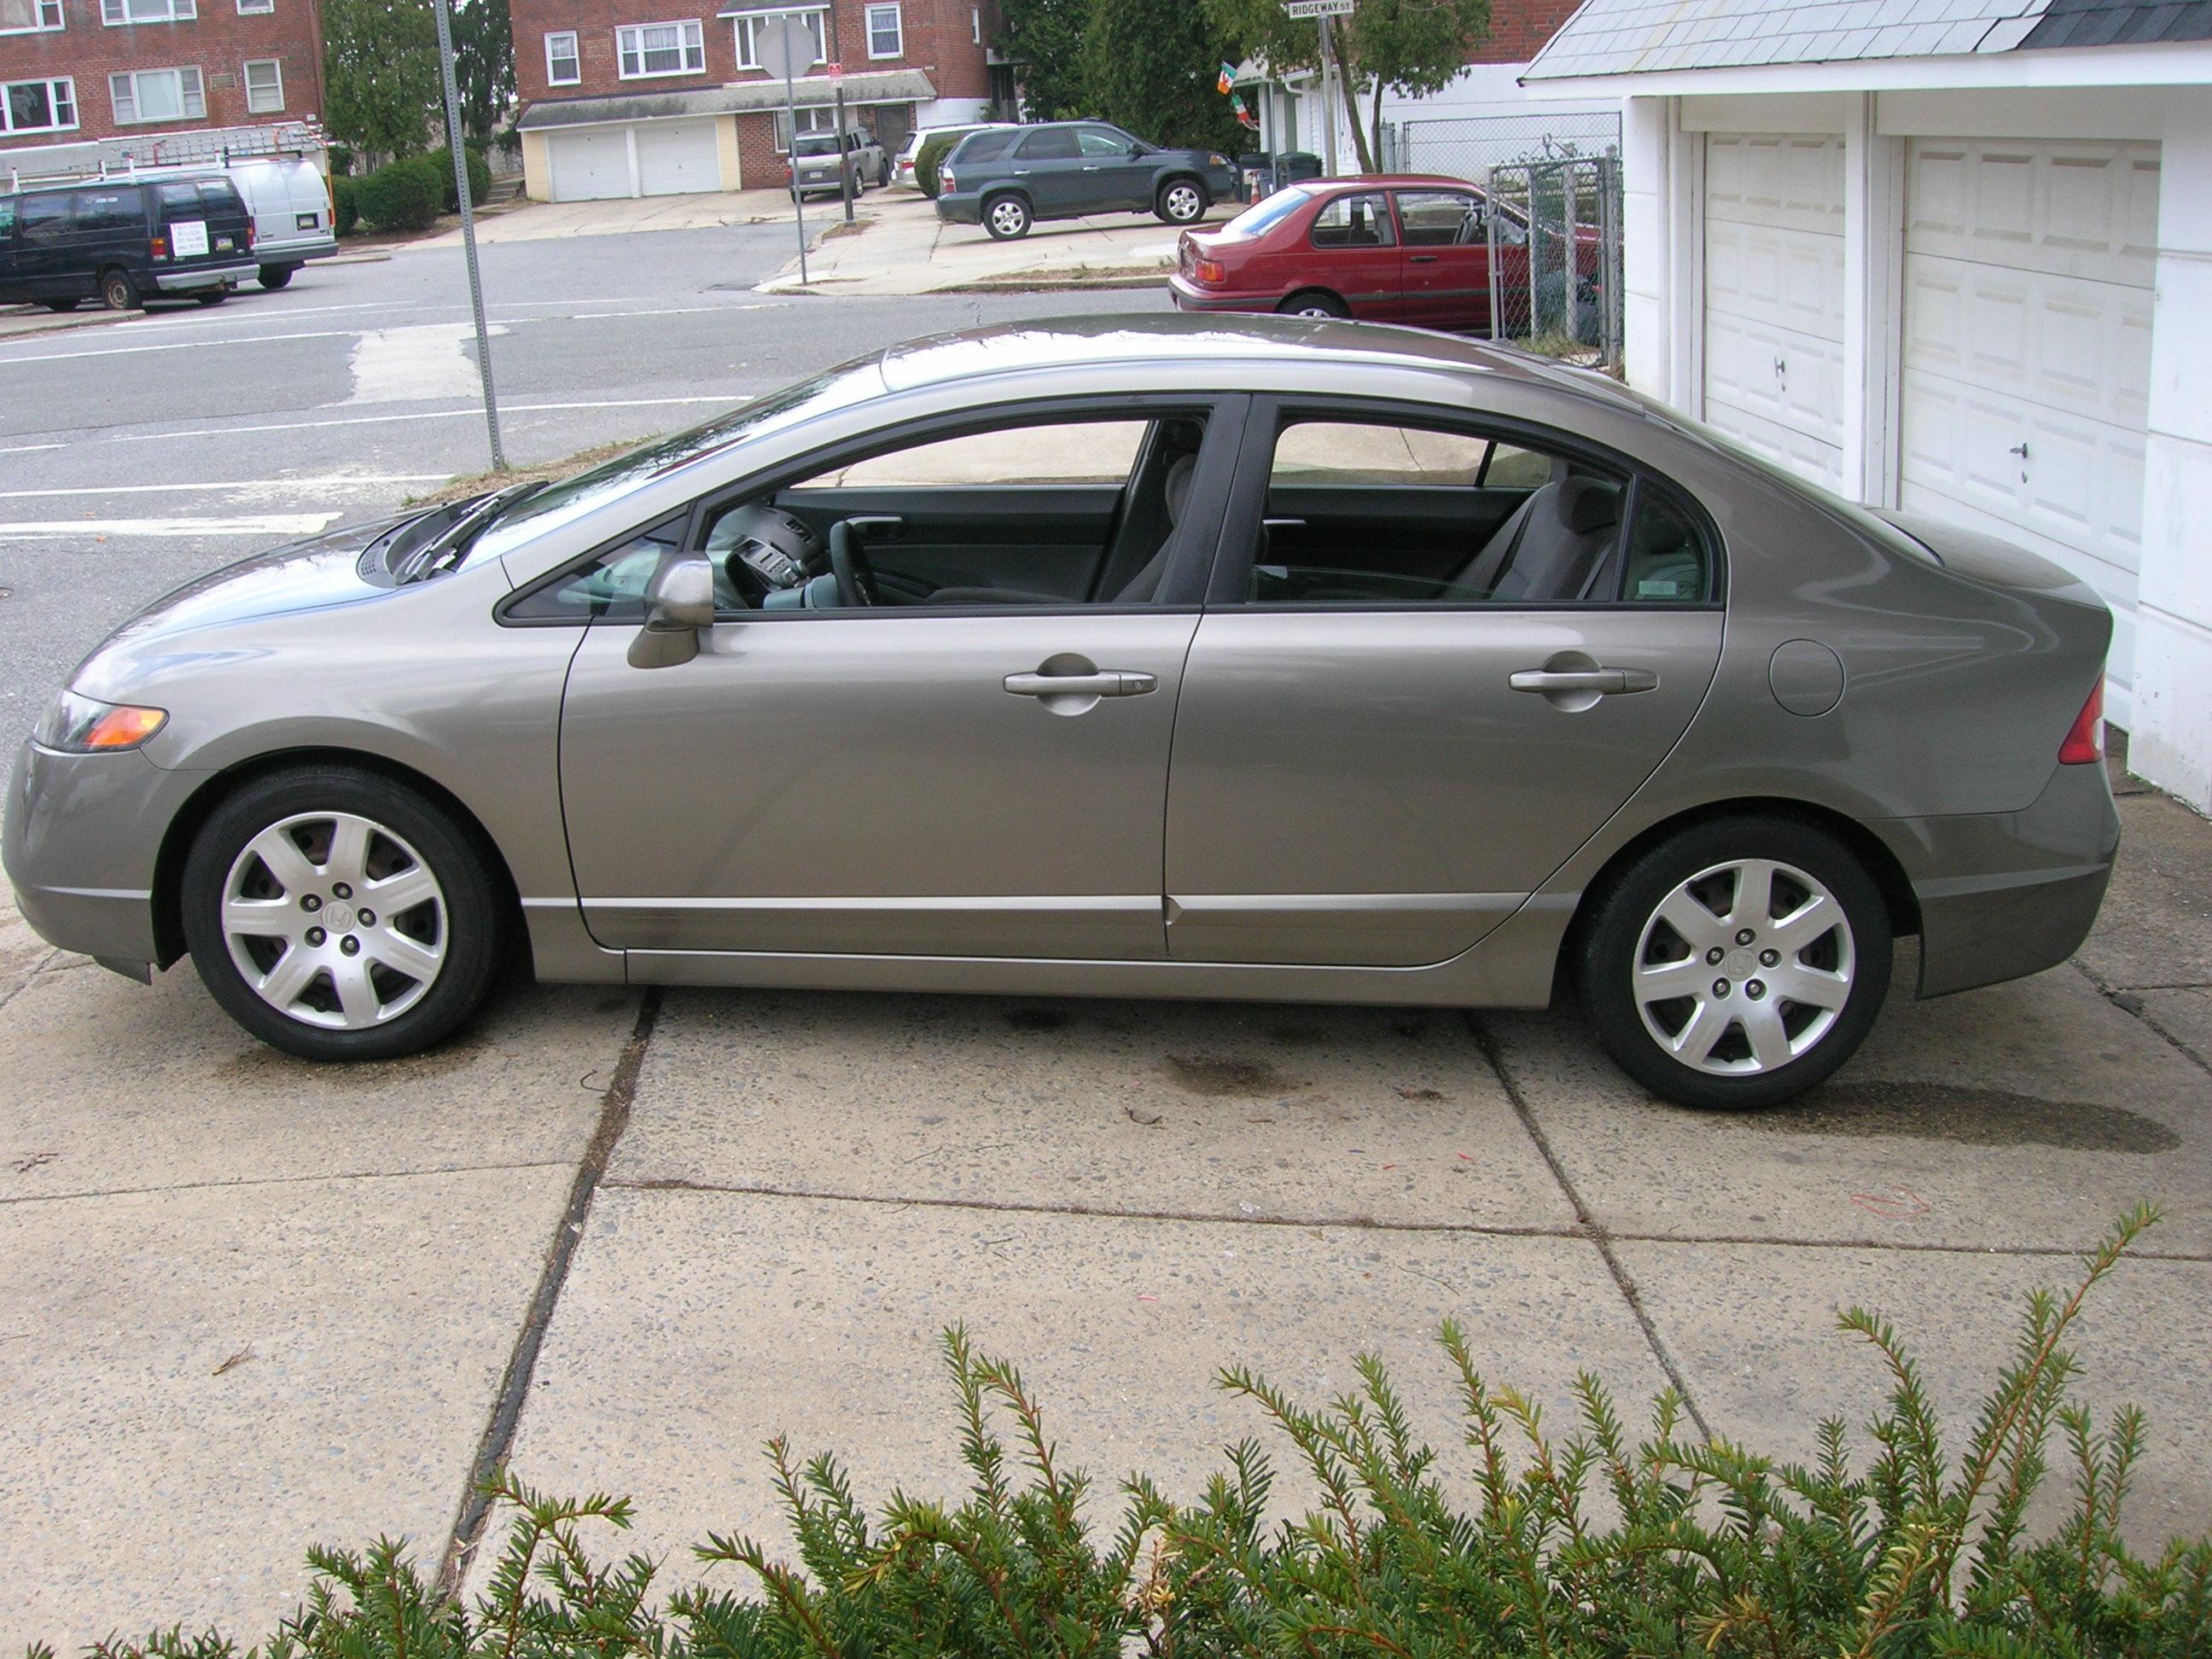 Ogłoszenie Darmowe. Lokalizacja: Philadelphia. ARCHIVES   All. 2006 Honda  Civic LX Grey